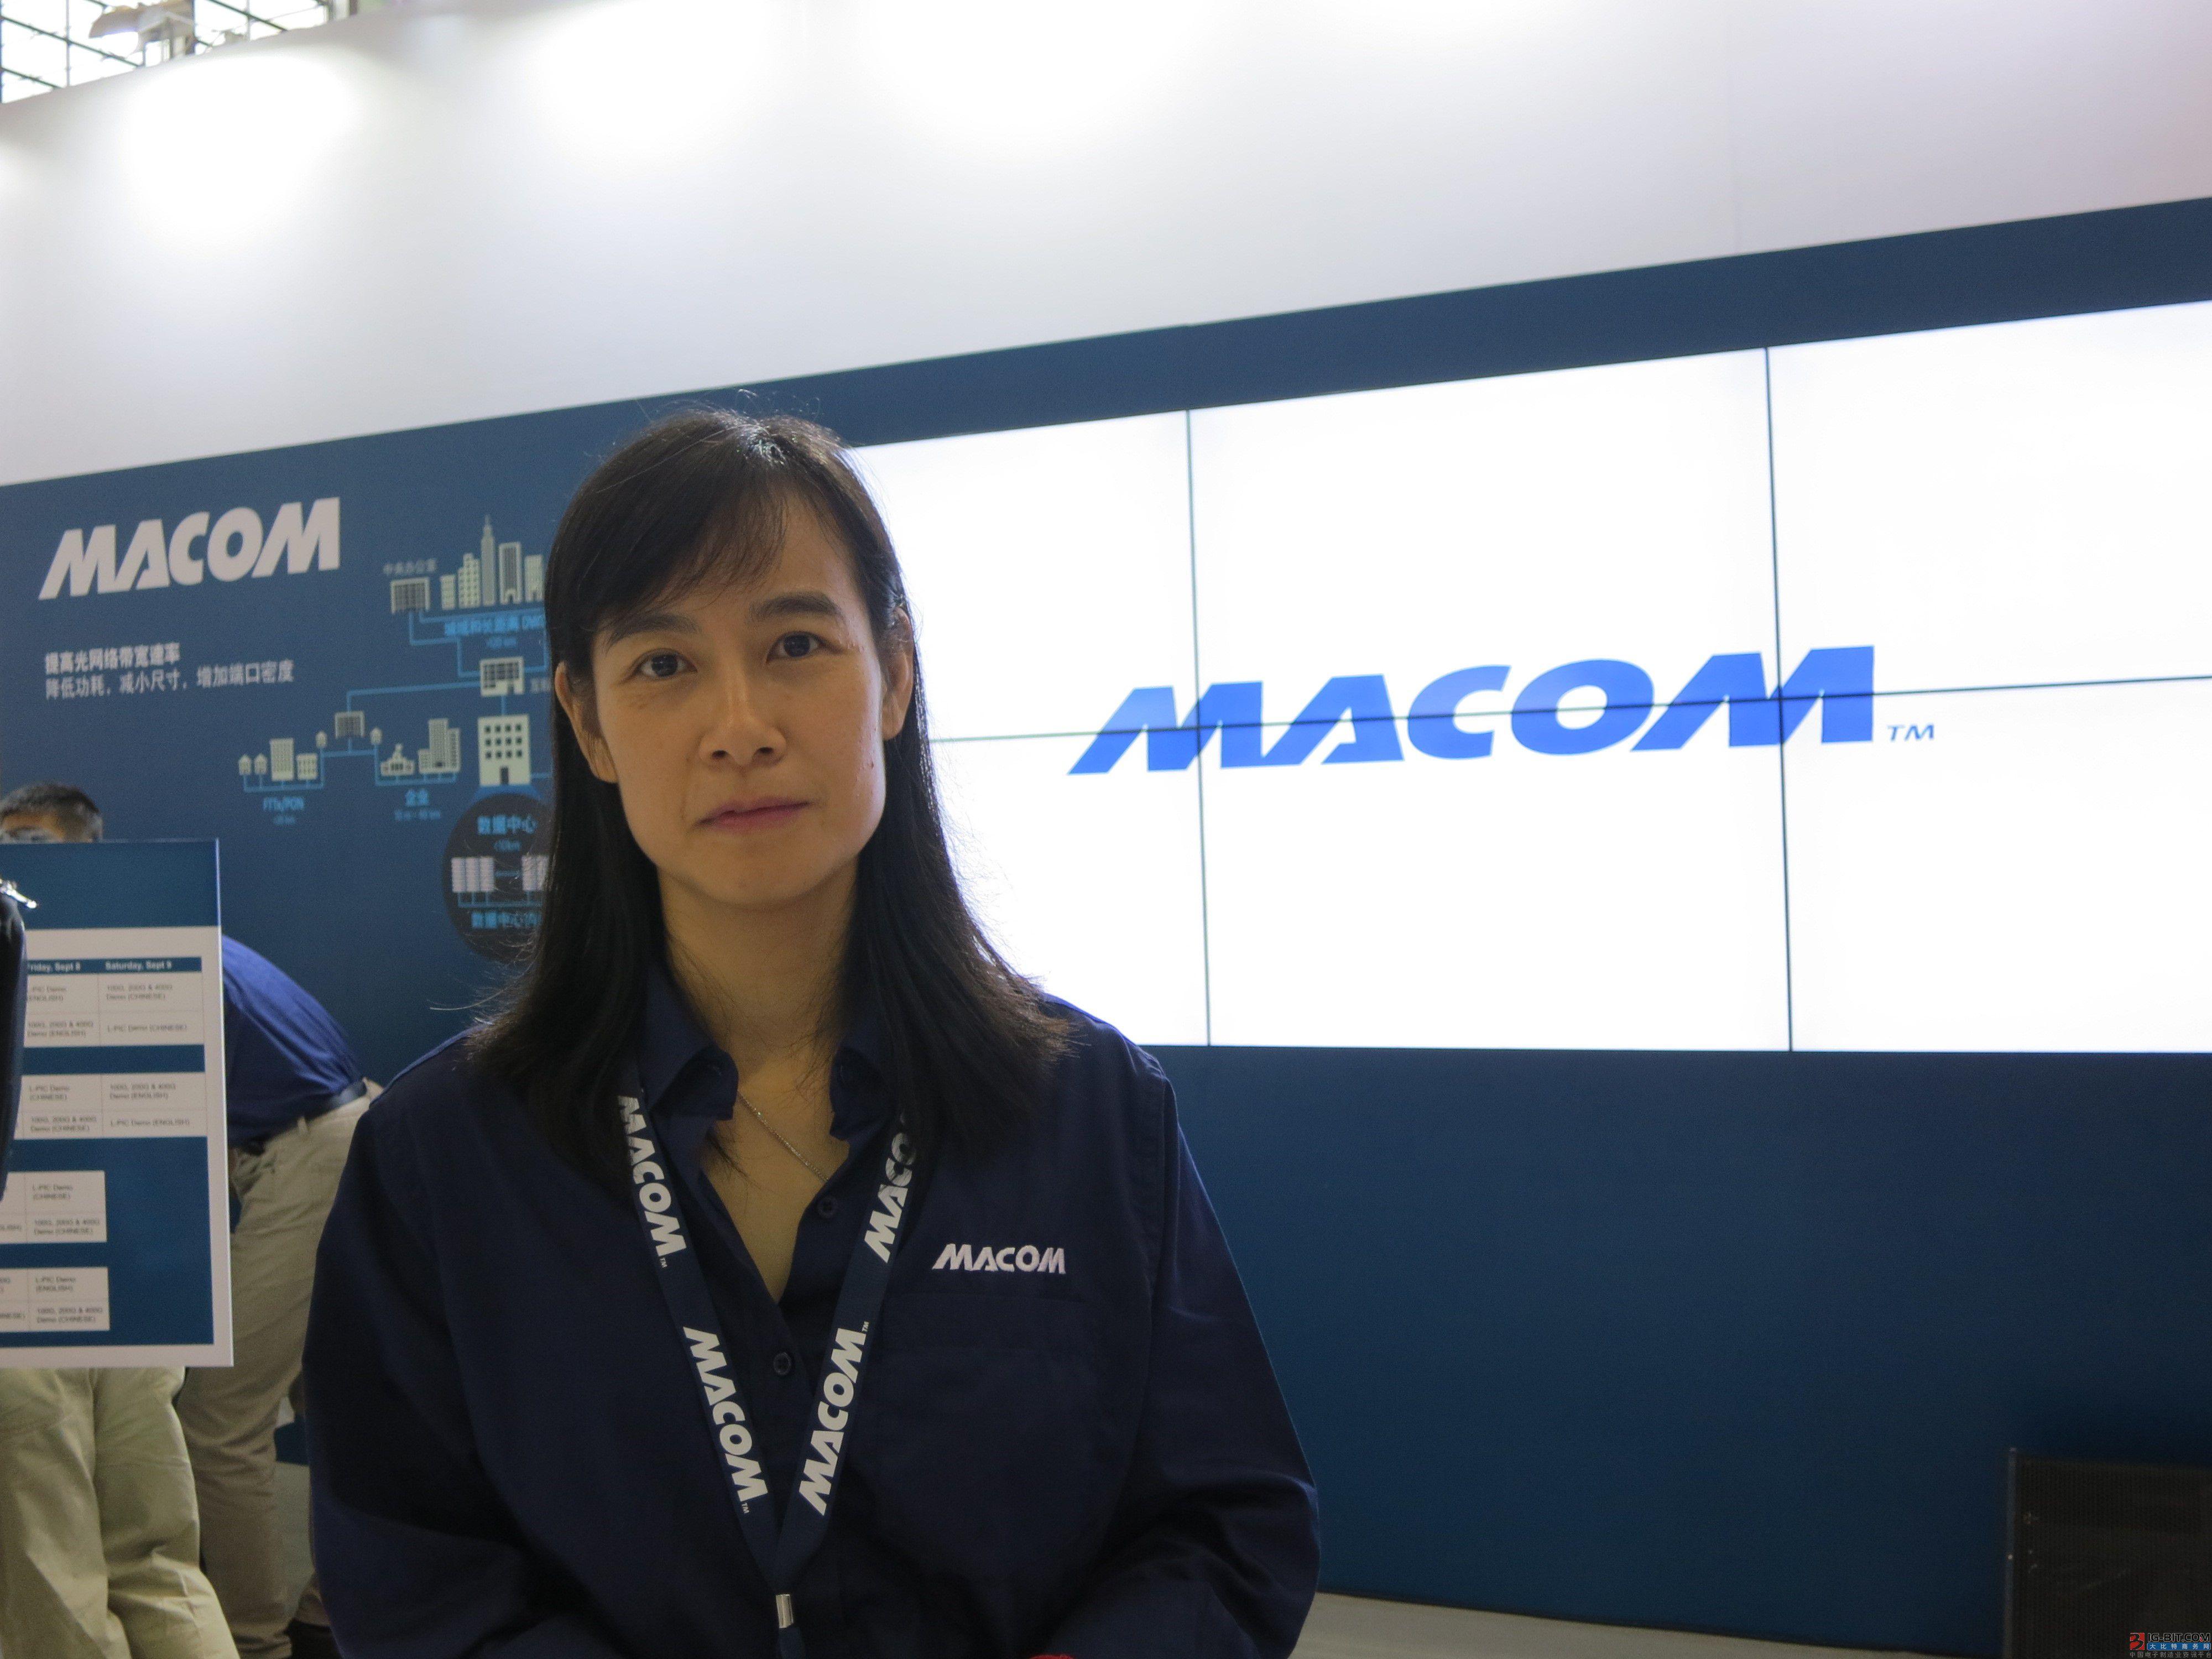 MACOM亚洲首席科学家:在特定领域,硅光集成将是大势所趋